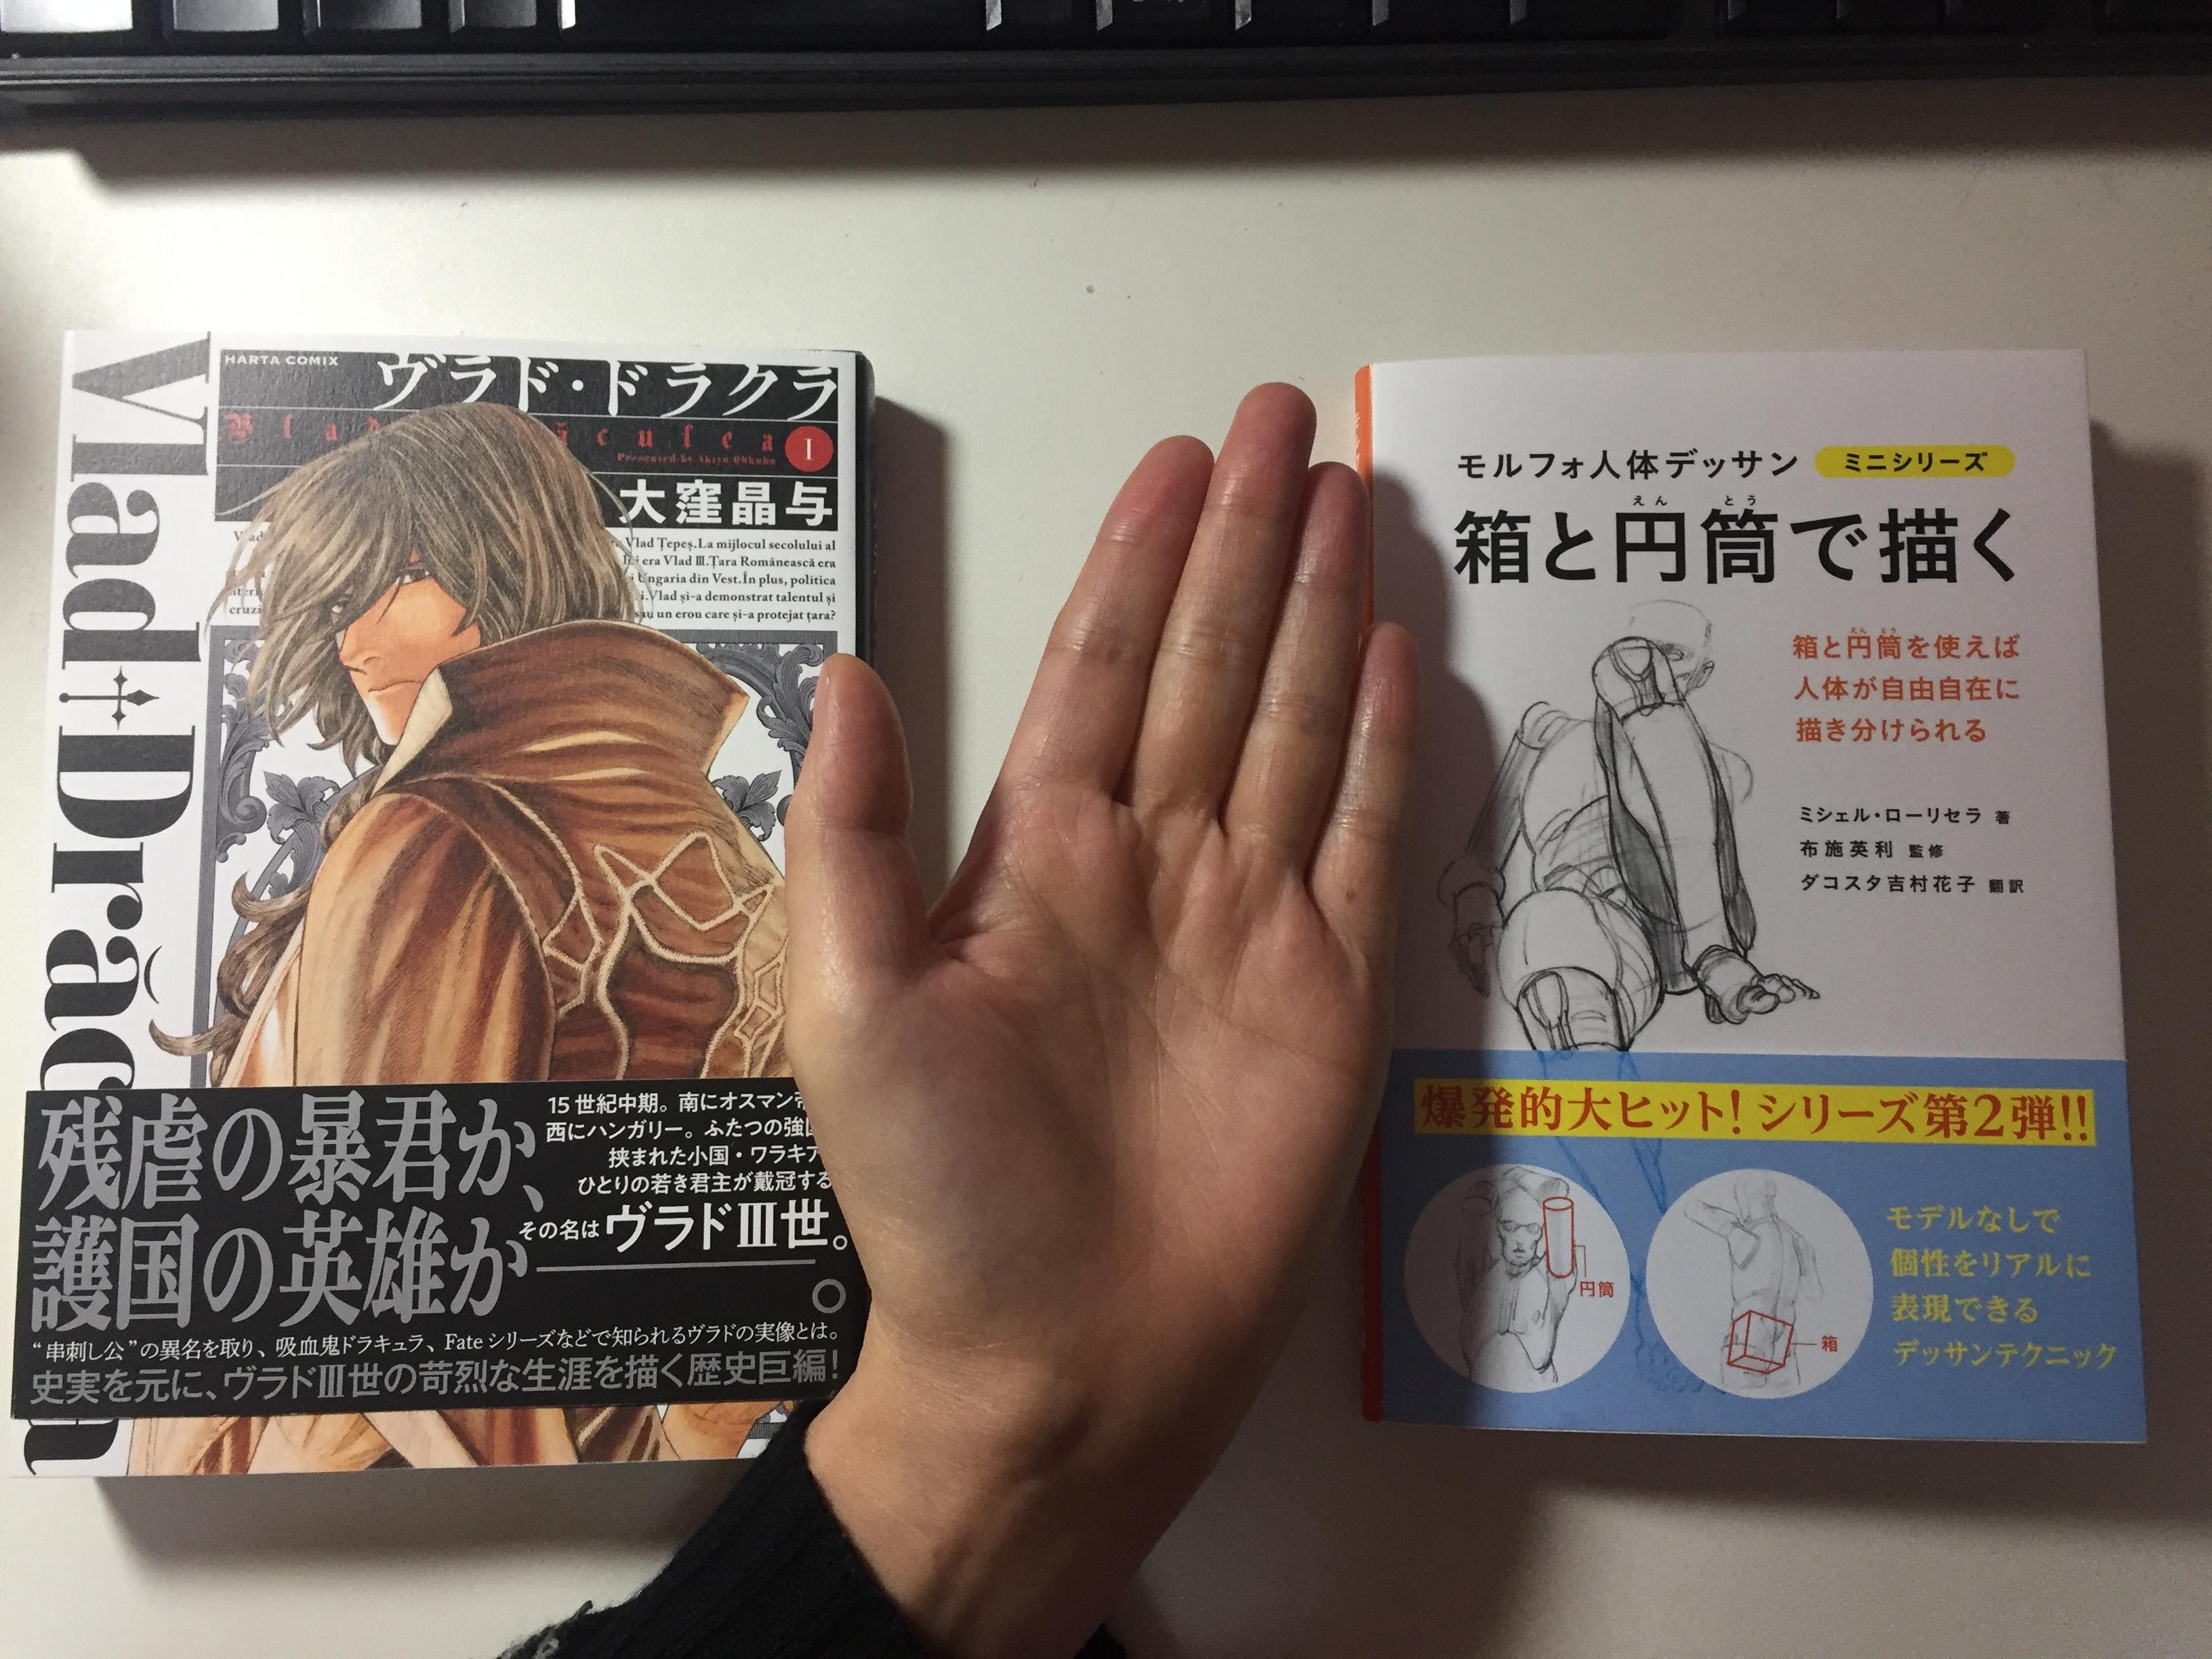 モルフォ人体デッサン 箱と円筒で描く 書籍レビュー